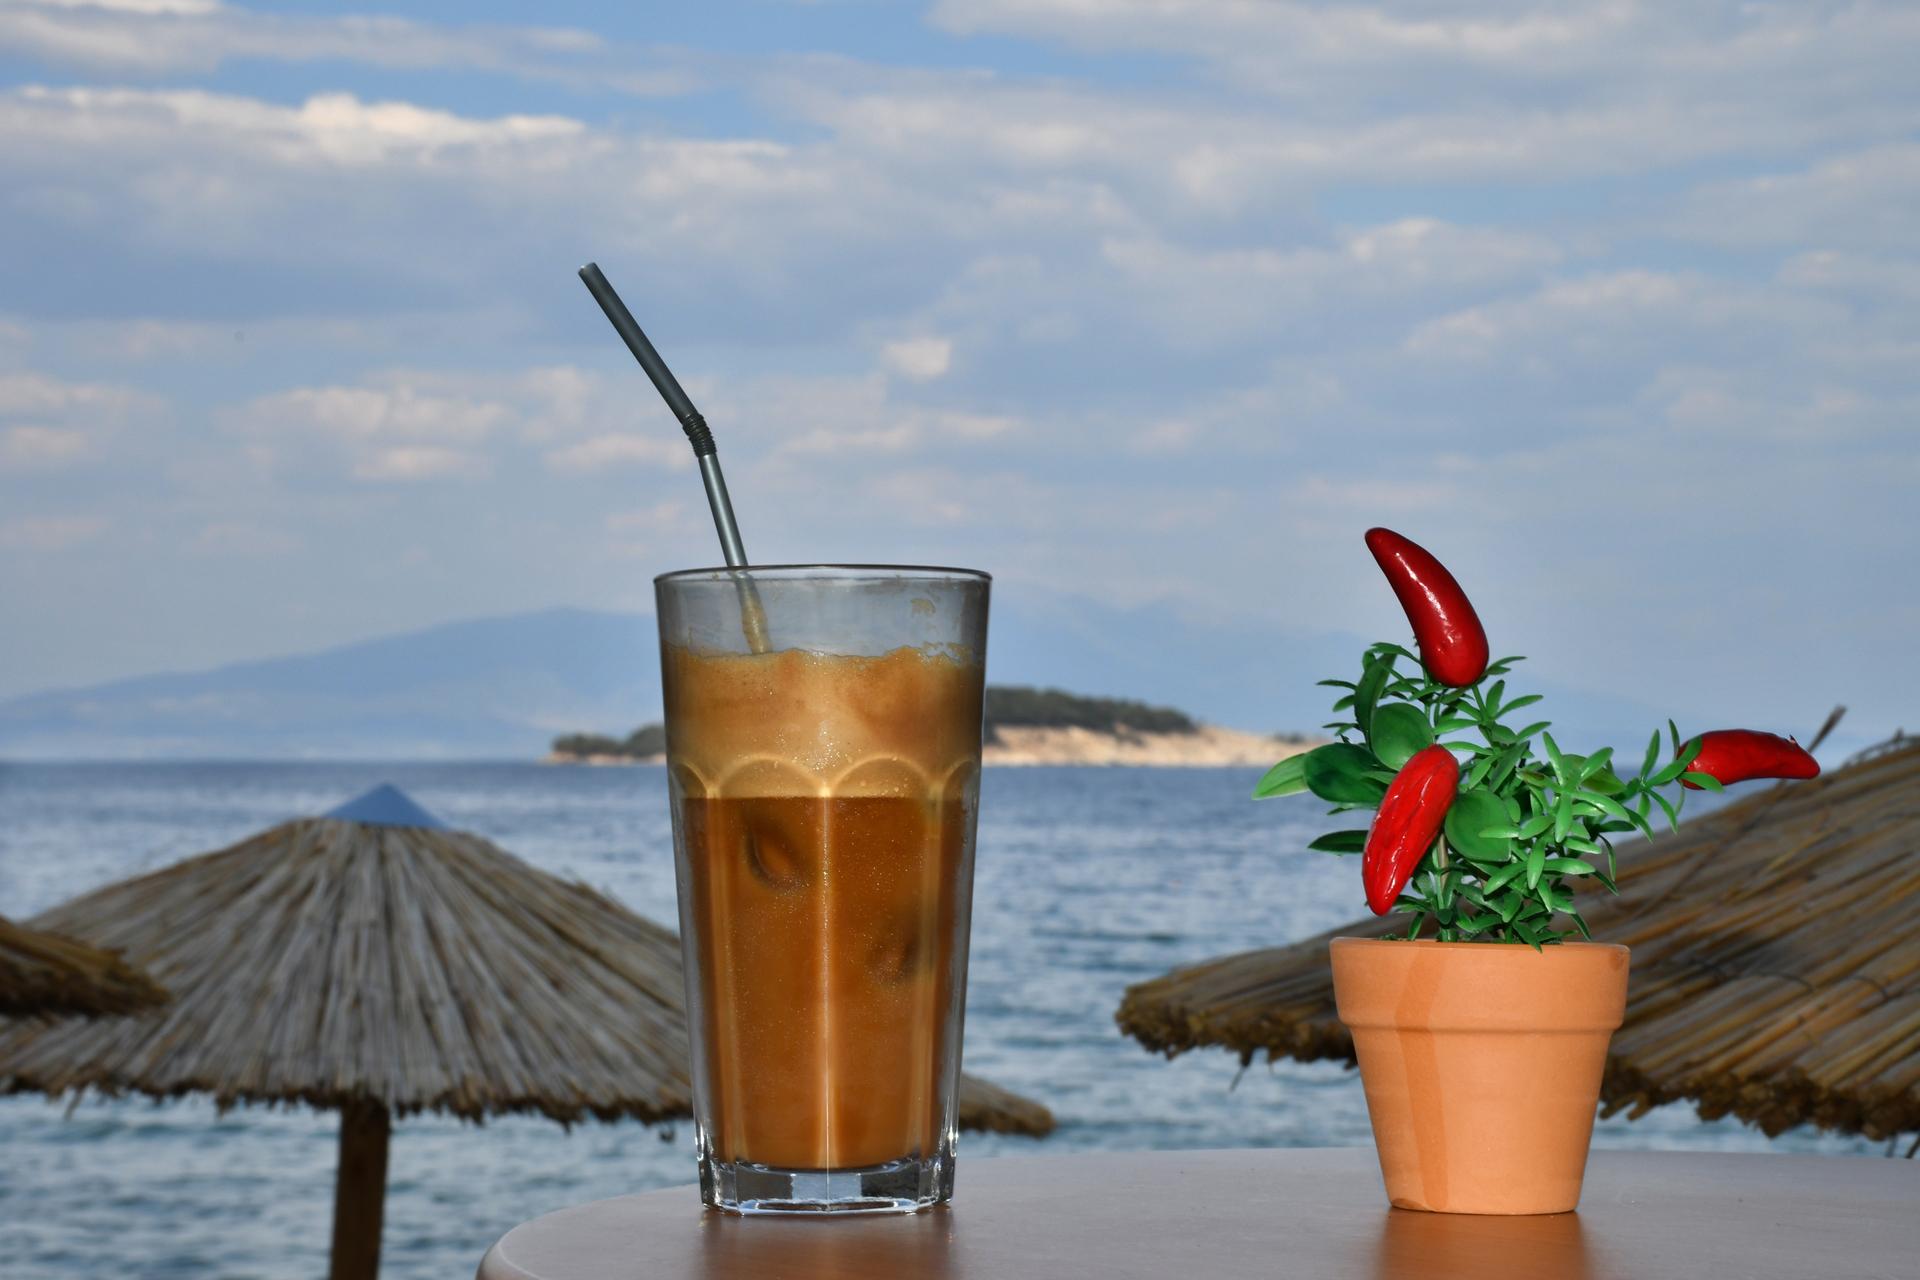 חלום יווני - זורבה - פרפה יוון - יואל שתרוג - אדמה יוצרת - yoel sitruk